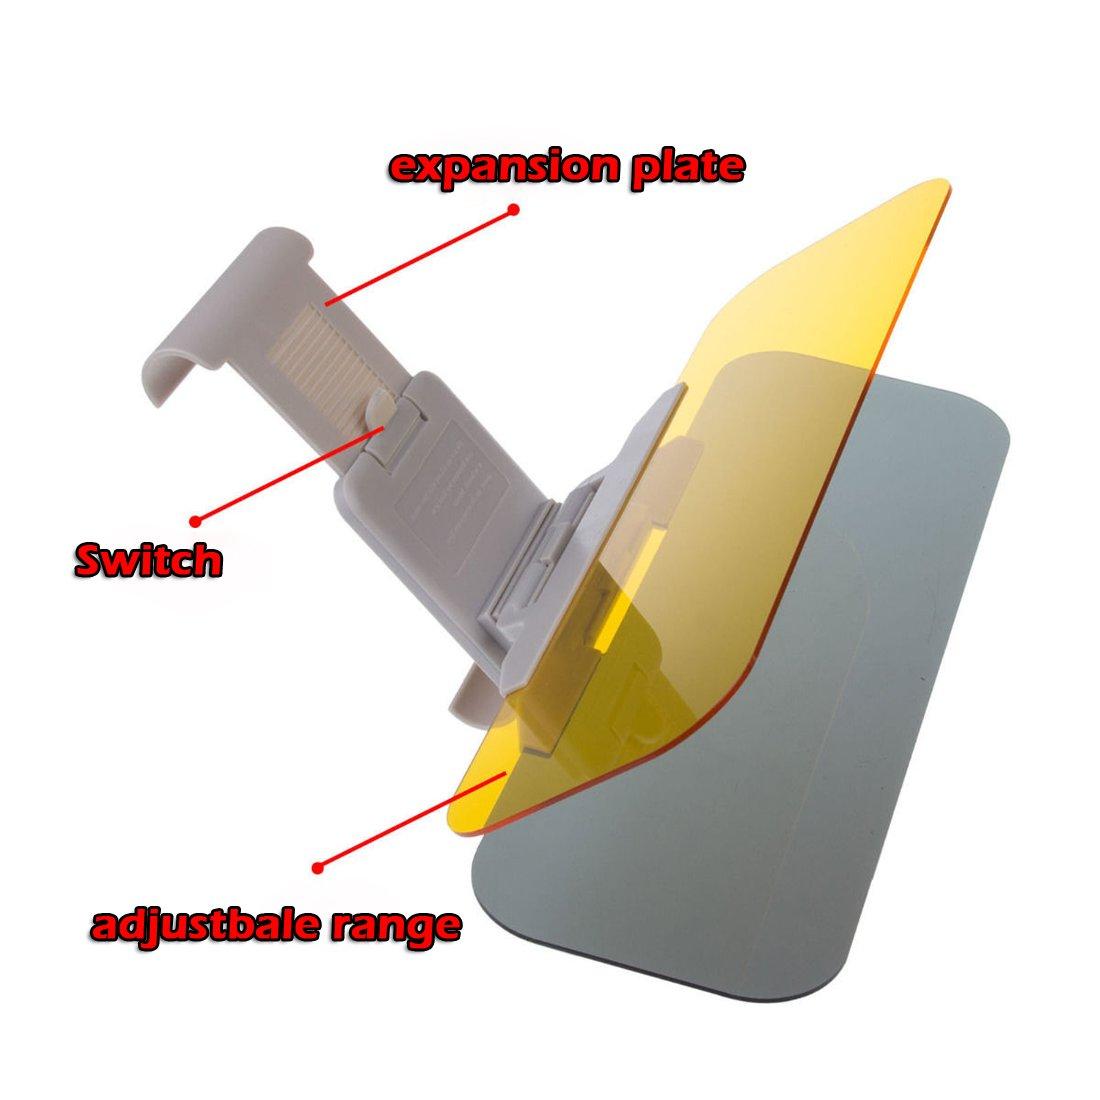 TOOGOO R Brise-soleil de voiture avec deux brise jaune et noire pour antieblouir pendant le jour et le soir